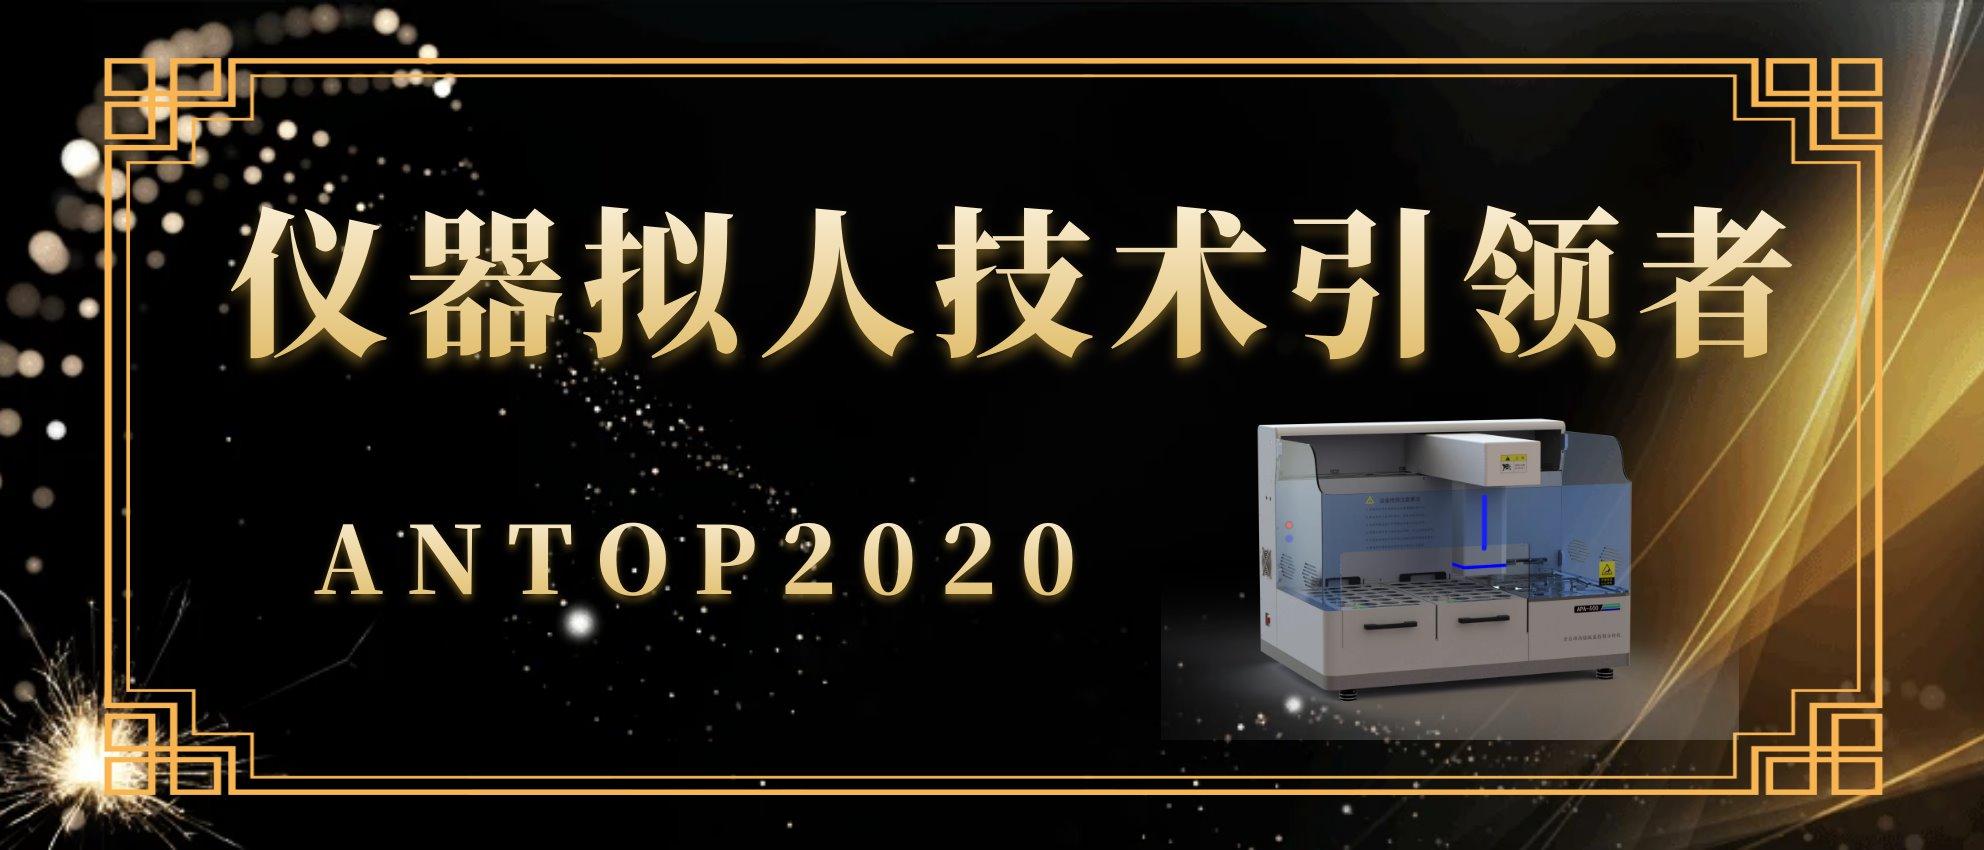 安杰科技荣获ANTOP2020 仪器拟人技术引领者奖